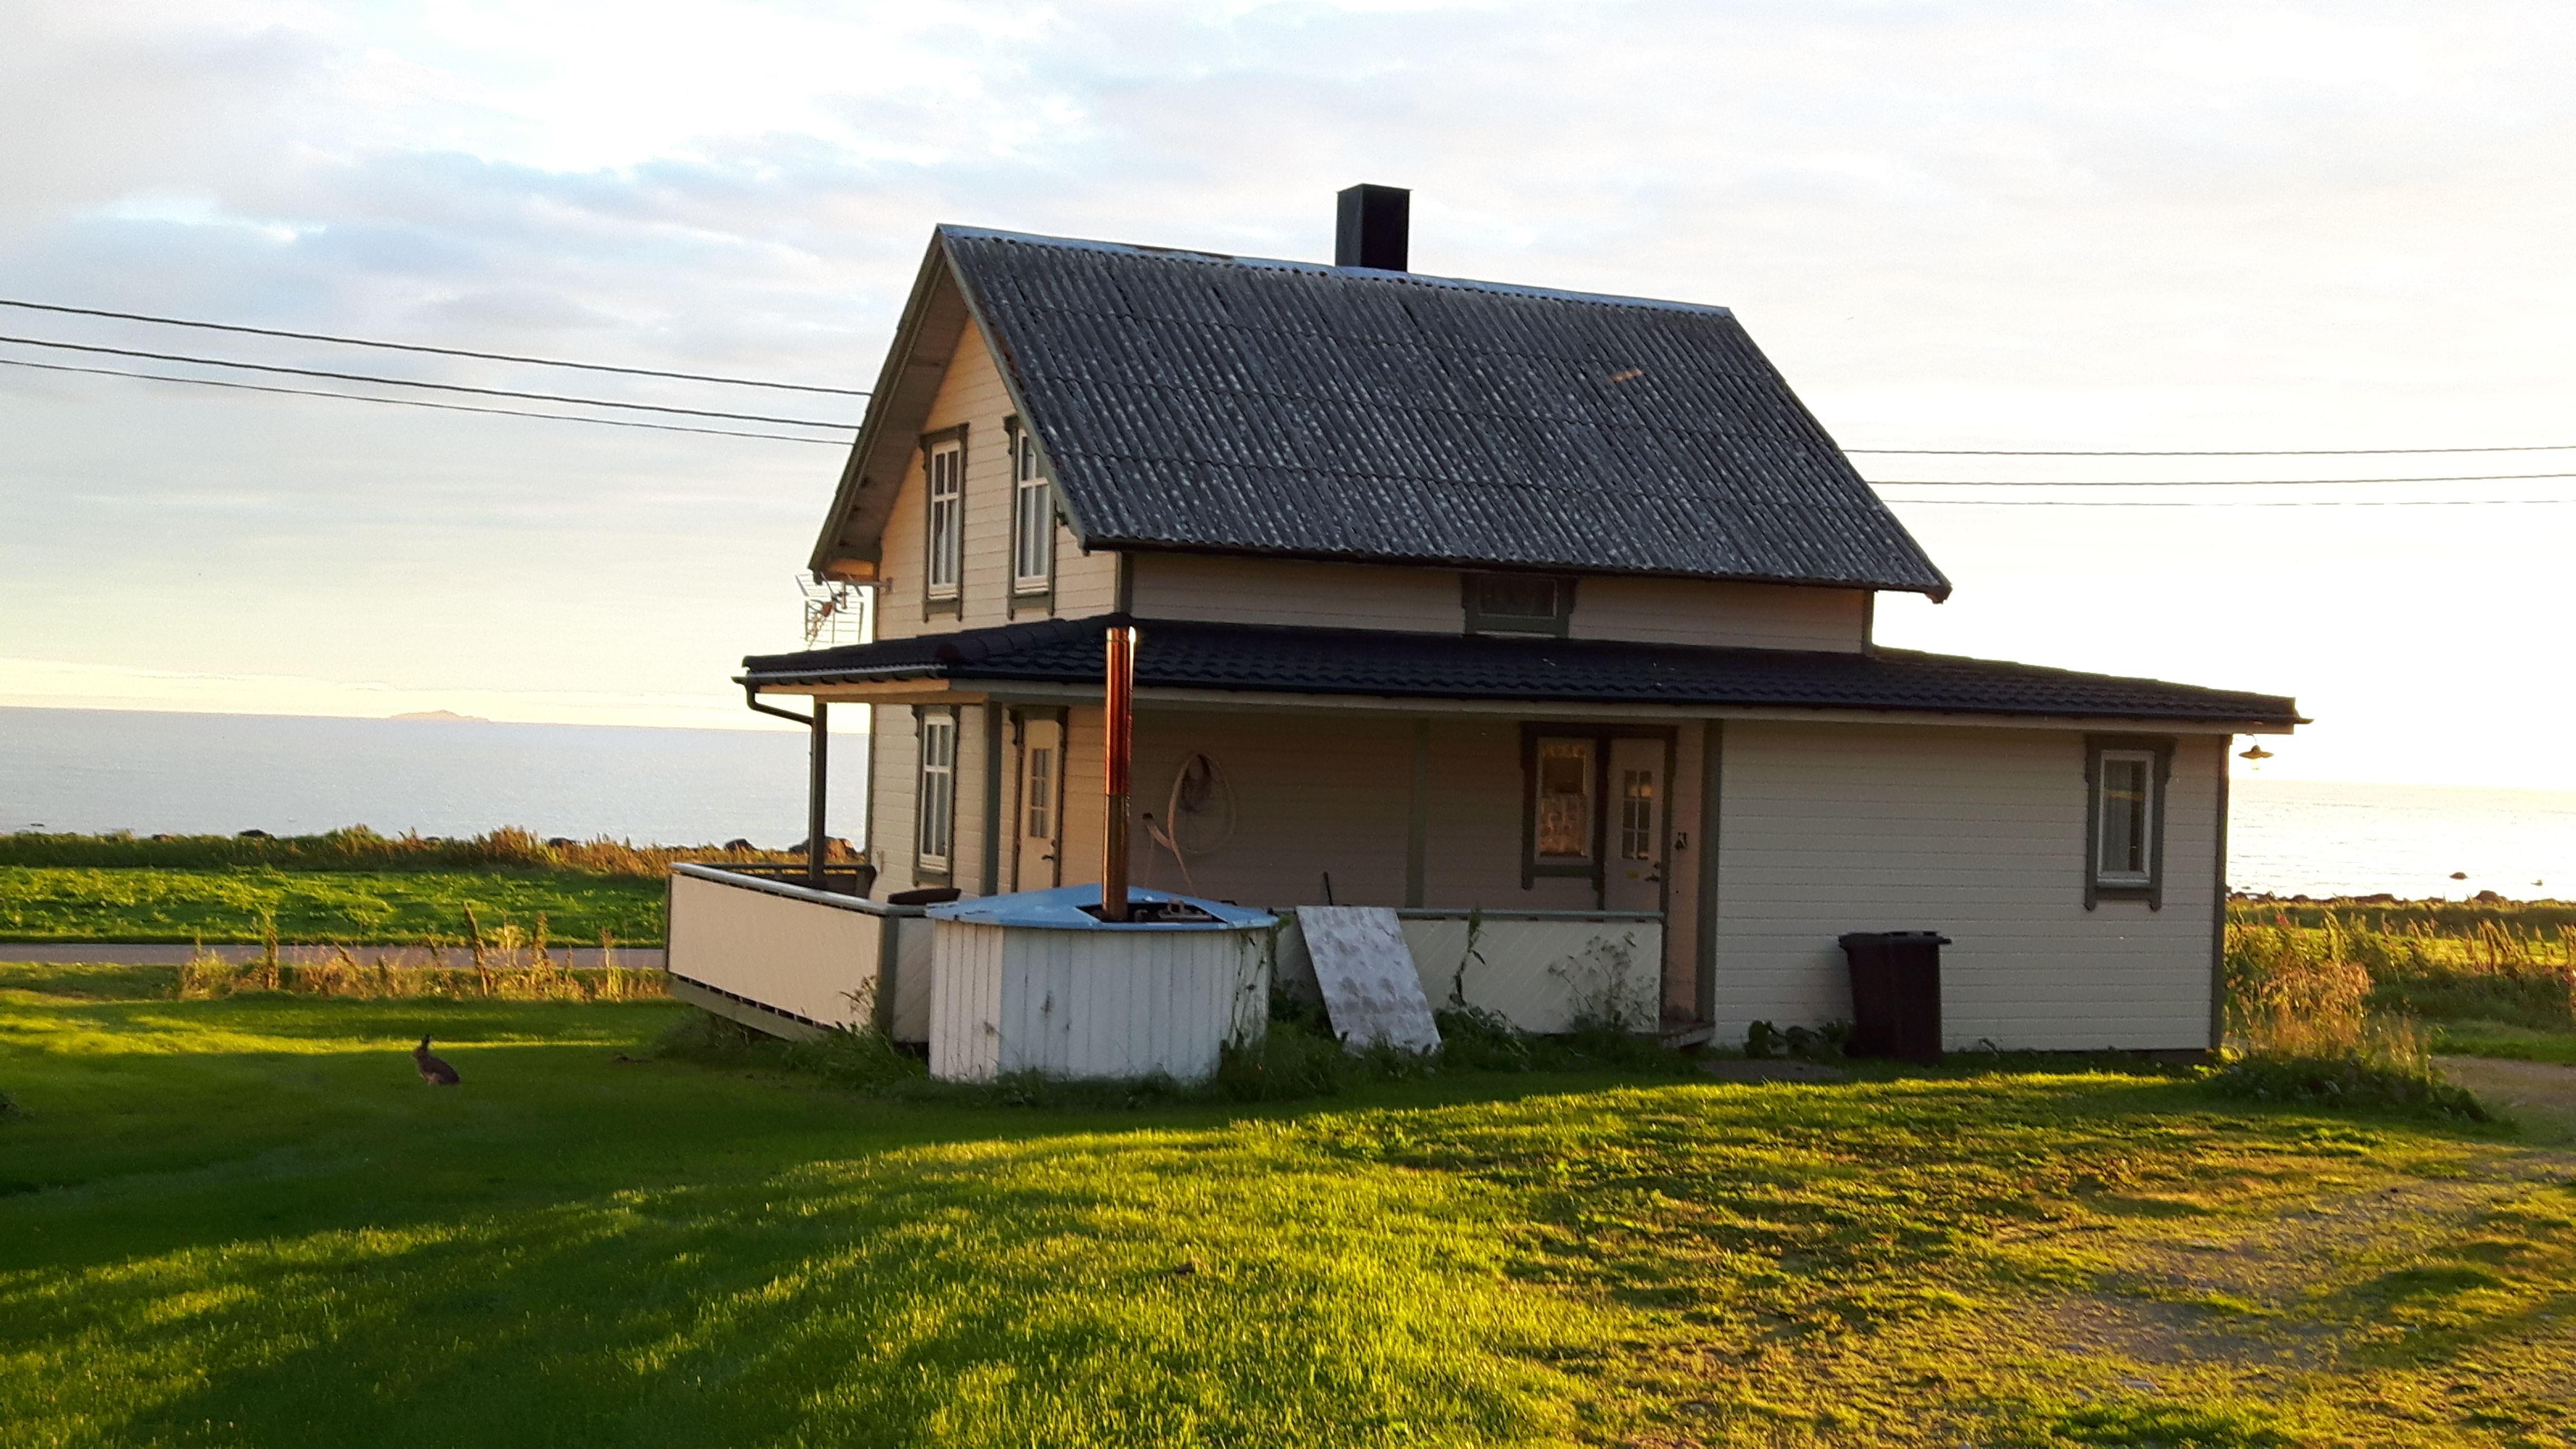 Emilhuset